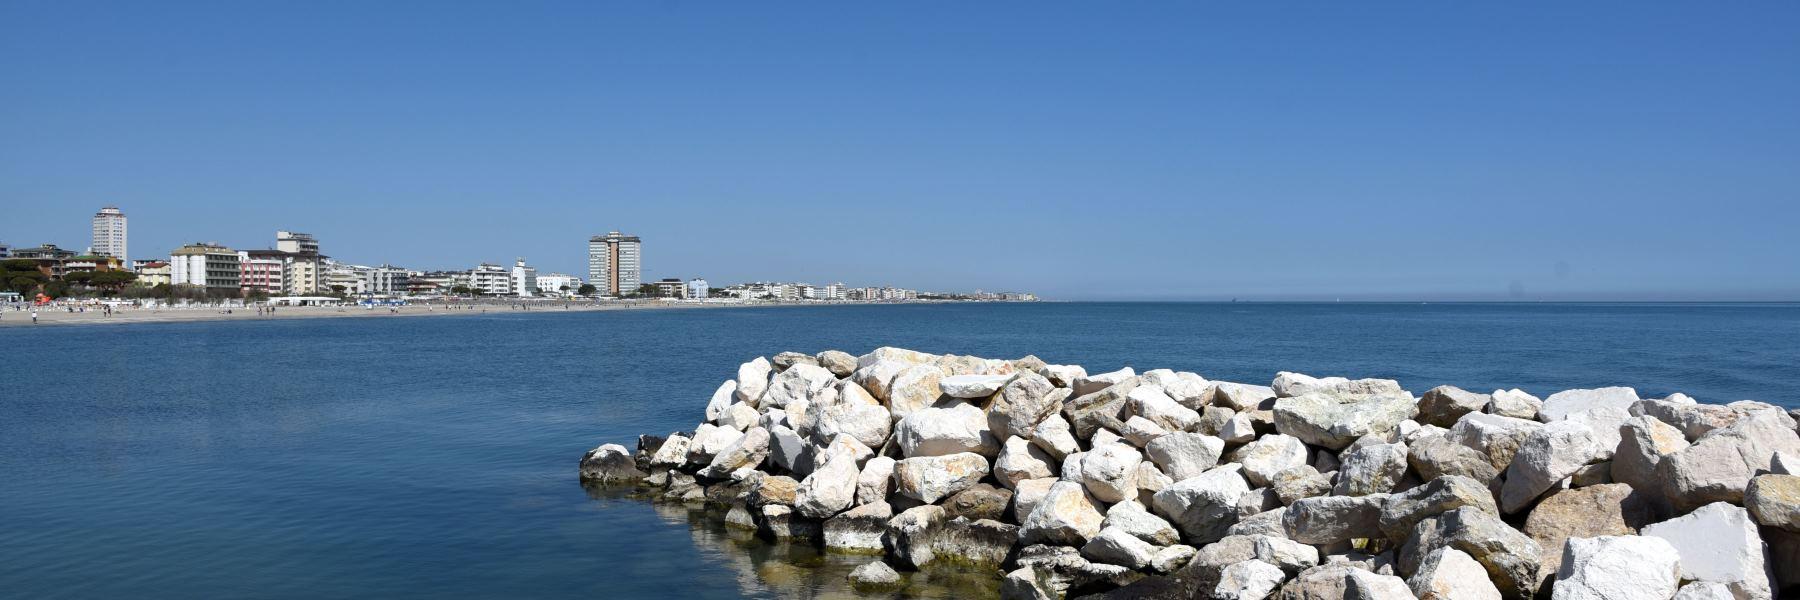 Ordinanza balneare del comune di Cervia anno 2017